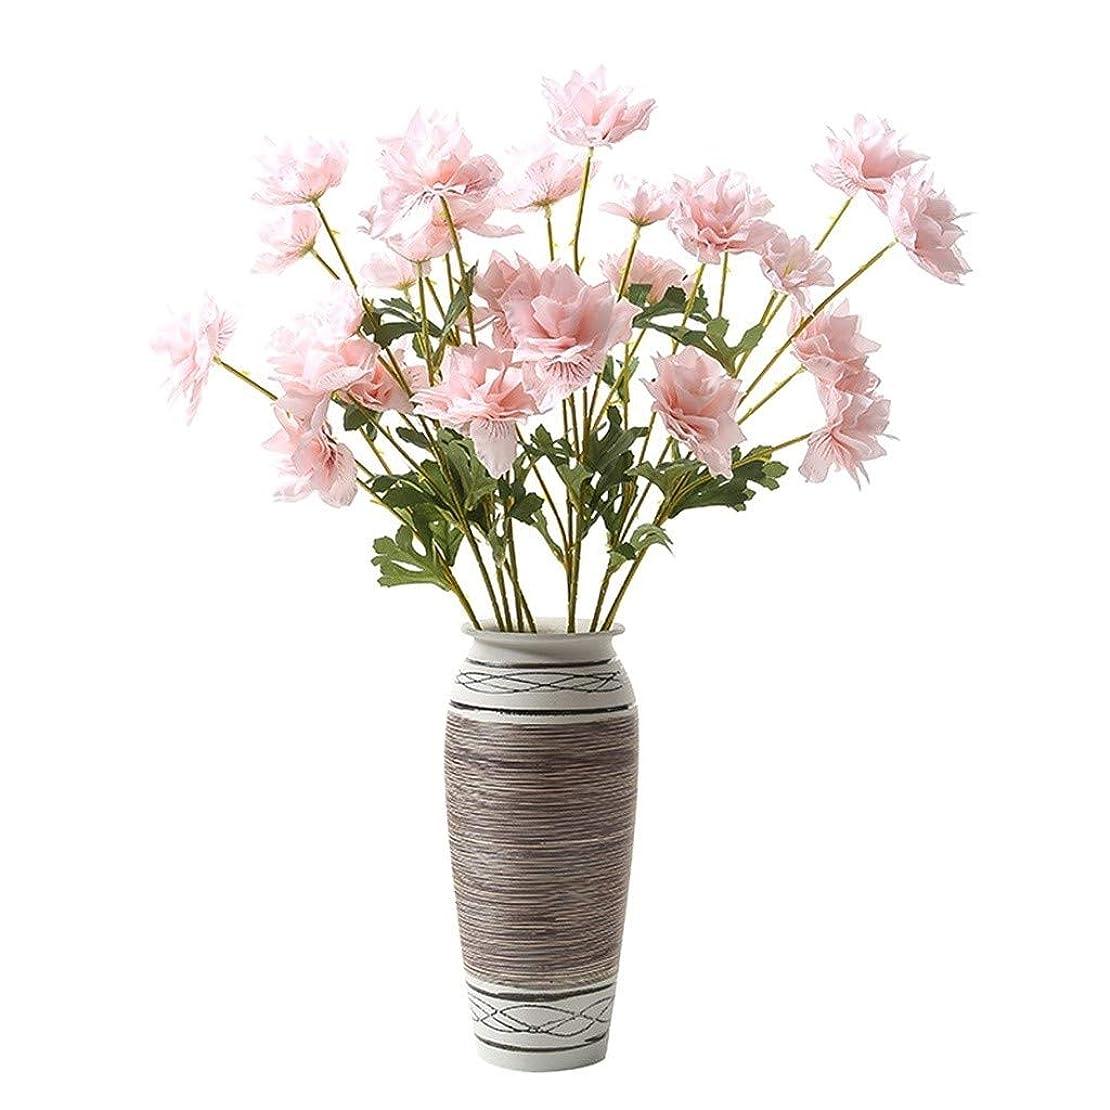 画面感性考古学的な花瓶 ヨーロッパのレトロ干し造花アレンジメント用セラミック花瓶、家庭用屋内リビングルームのテレビキャビネットポーチデスクトップ磁器の装飾装飾工芸、14.5x31x12cm